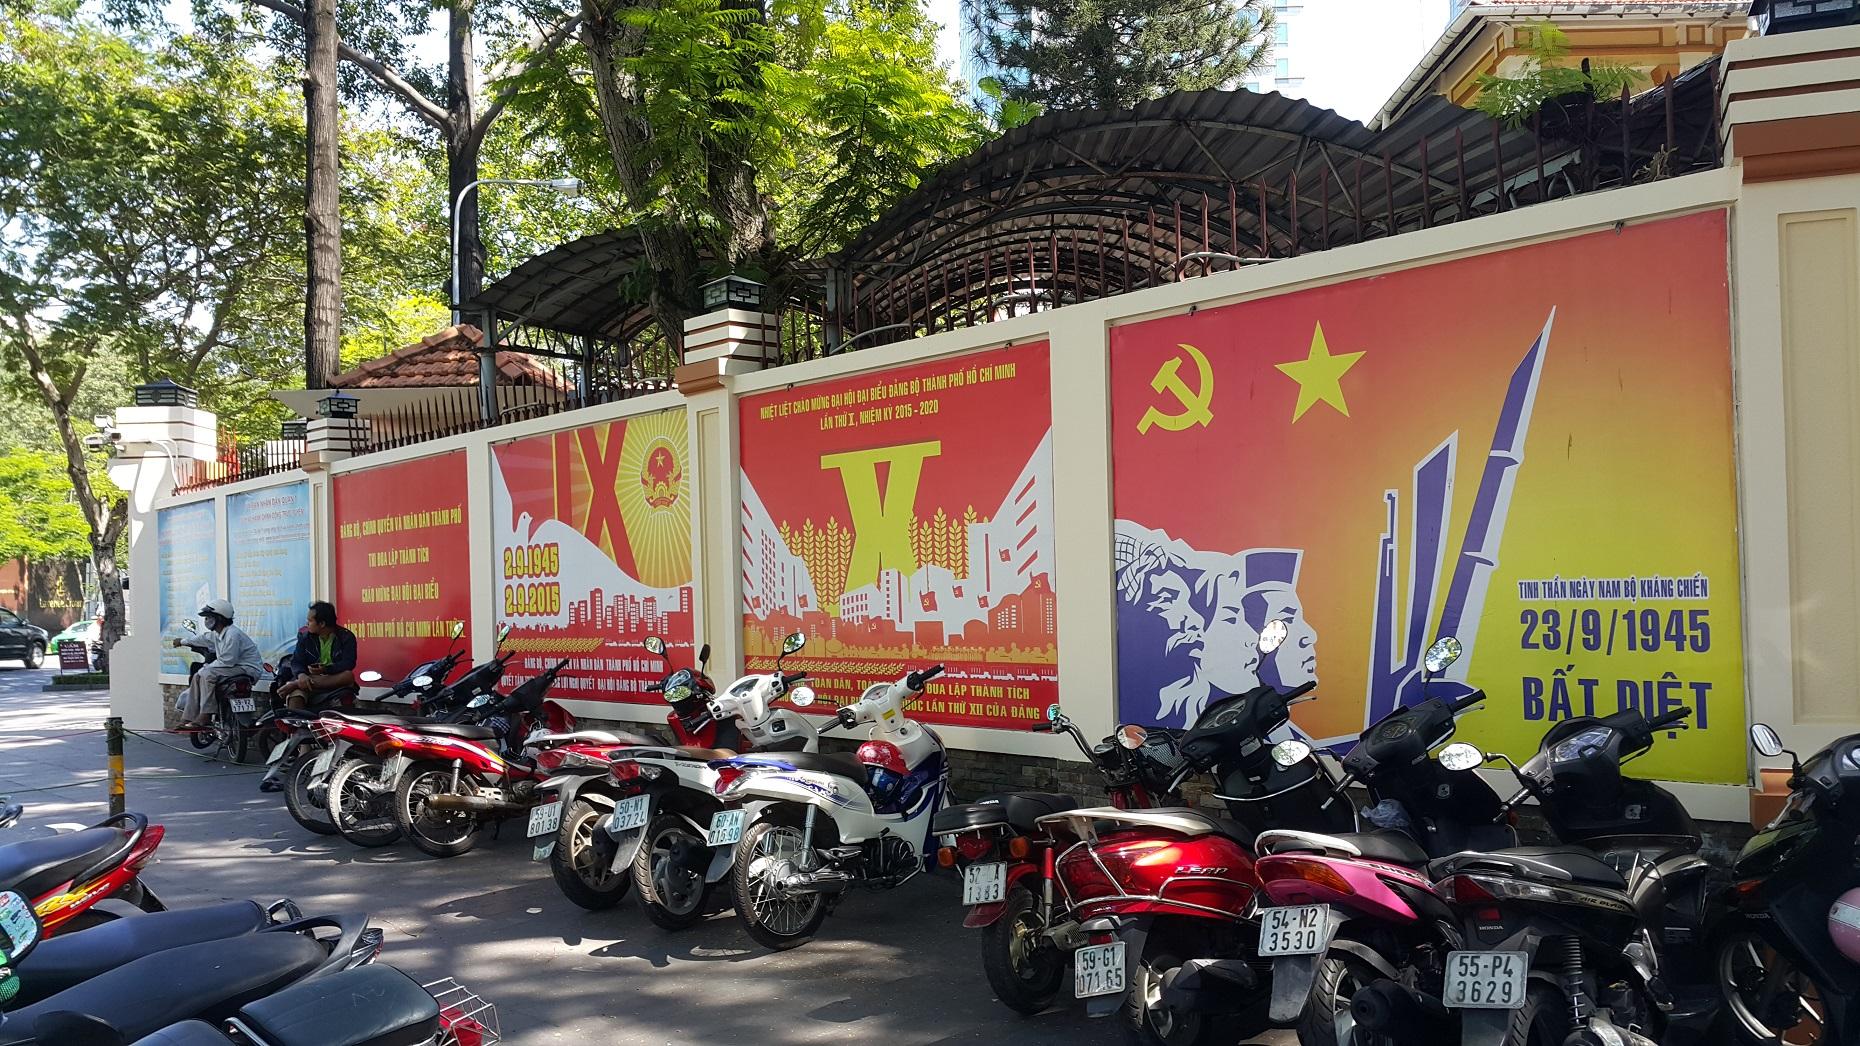 вьетнамская письменность в виде партийной агитации